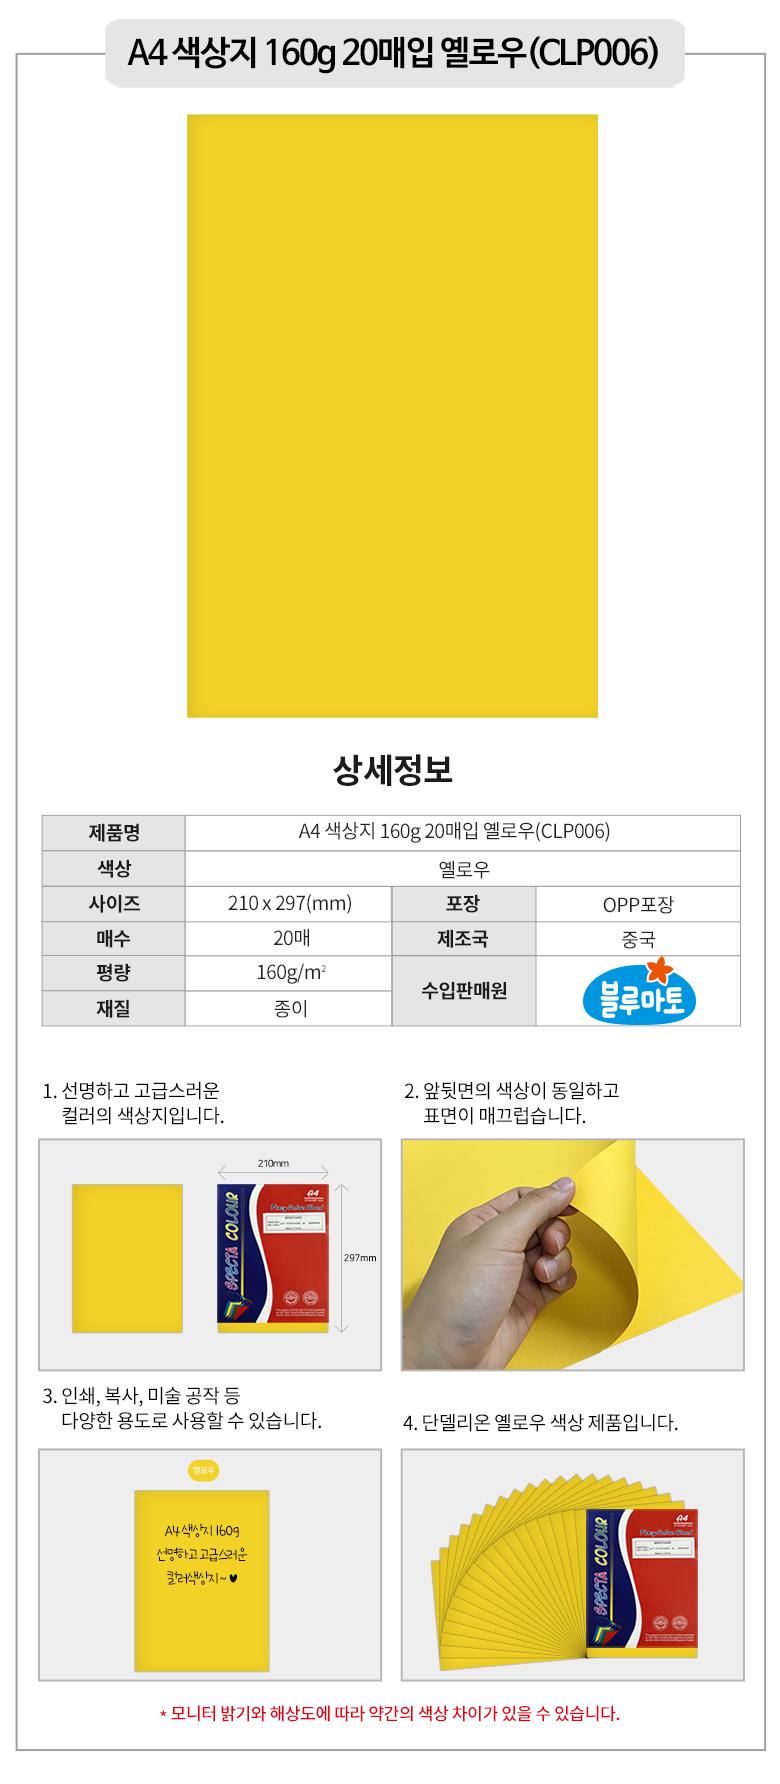 A4 색상지 160g 20매입 옐로우(CLP006) 3세트4,500원-블루마토디자인문구, 미술용품, 화방지류, 디자인보드바보사랑A4 색상지 160g 20매입 옐로우(CLP006) 3세트4,500원-블루마토디자인문구, 미술용품, 화방지류, 디자인보드바보사랑